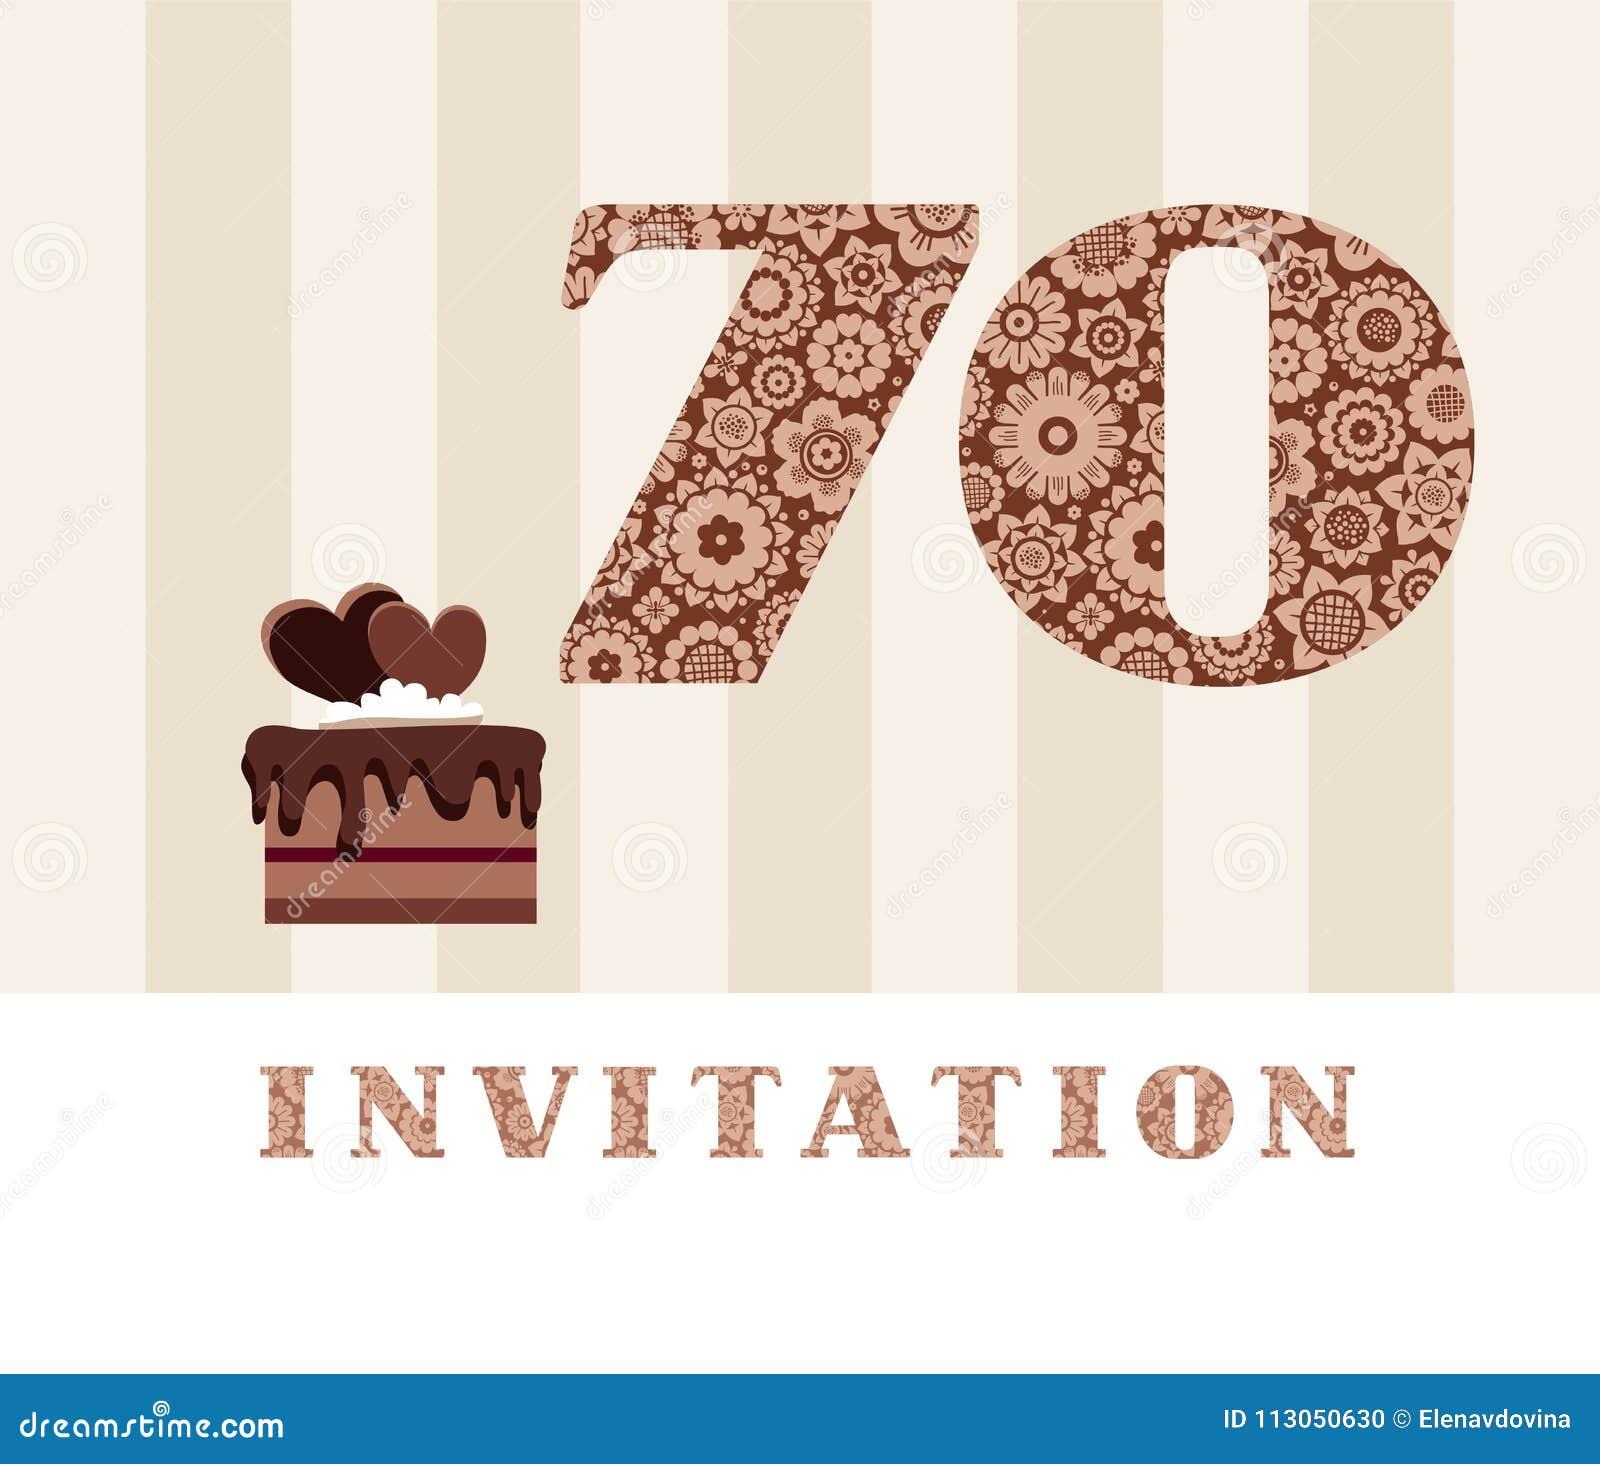 Invitación 70 Años Torta De Chocolate Corazón Vector